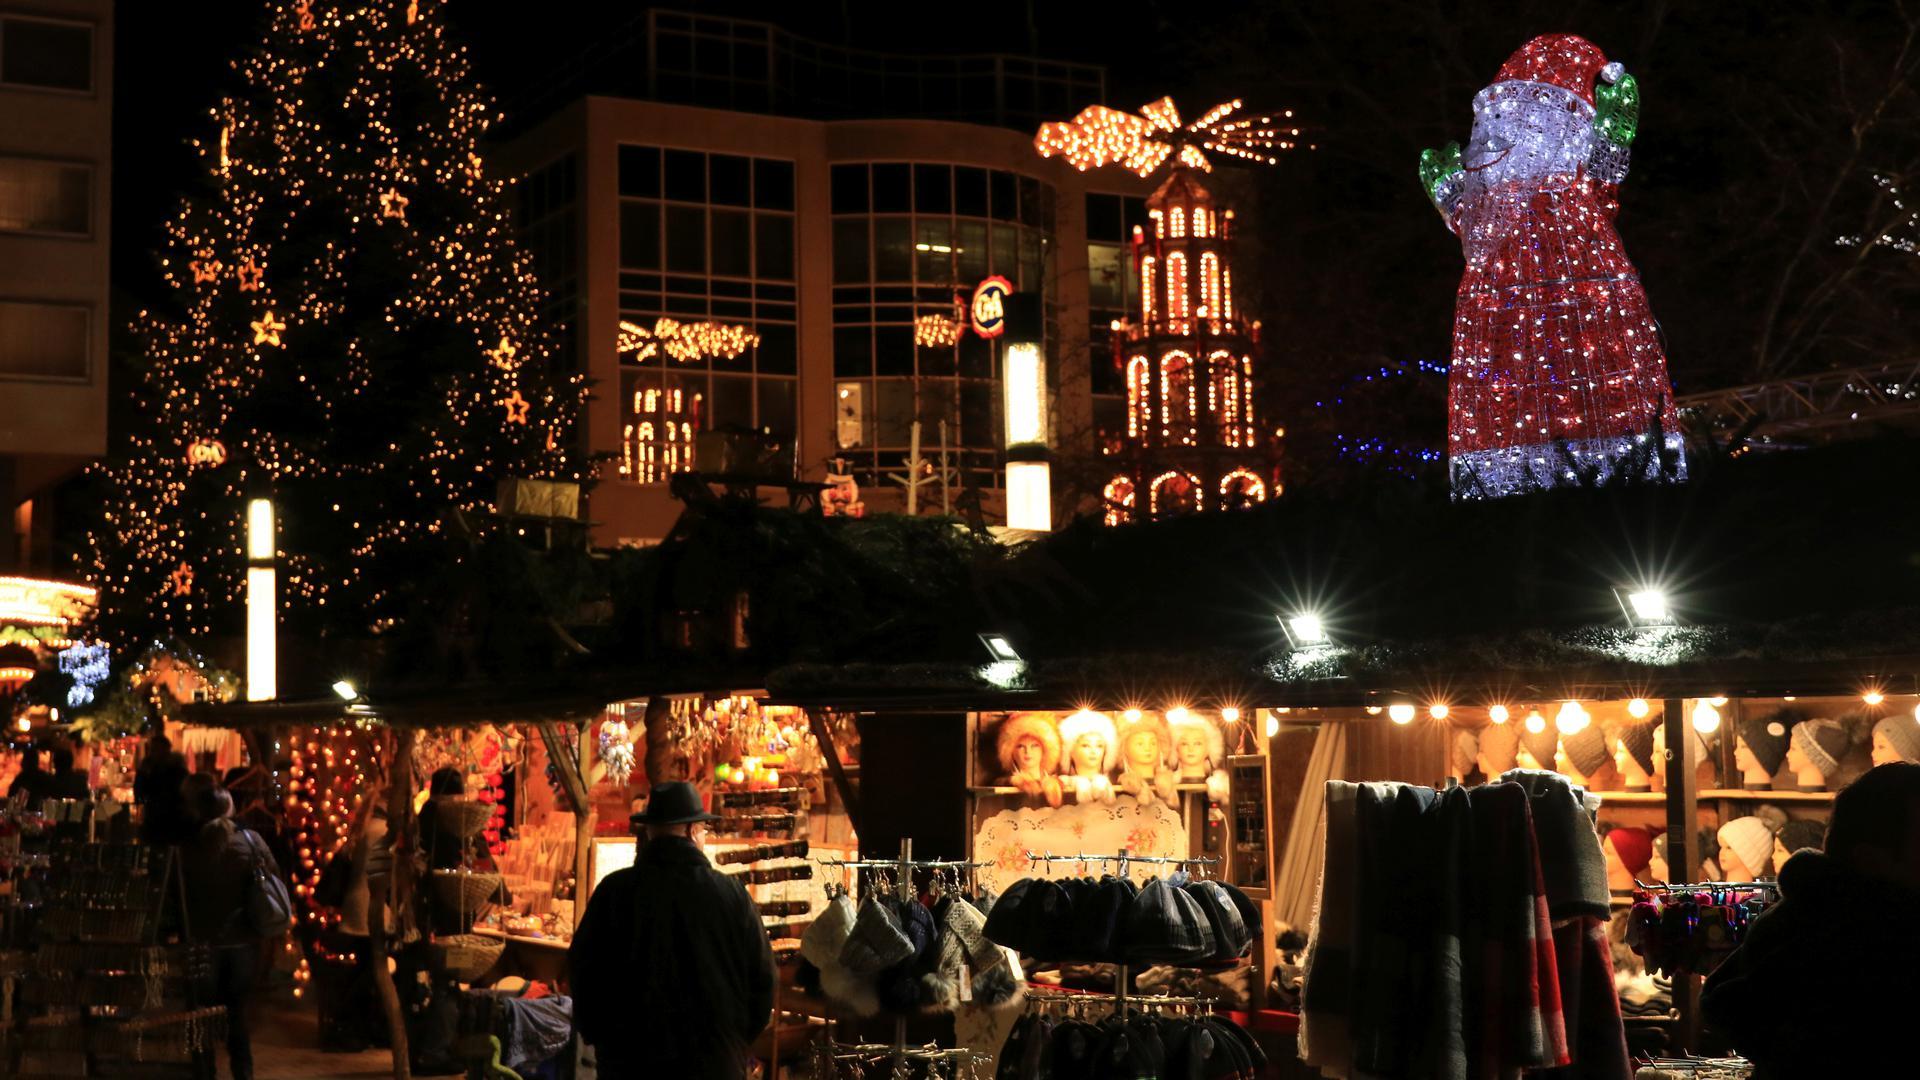 Besucher stehen an Ständen auf dem Weihnachtsmarkt in Pforzheim. Im Hintergrund sind ein geschmückter Weihnachtsbaum, die leuchtende Engels Pyramide und ein großer leuchtender Weihnachtsmann zu sehen.